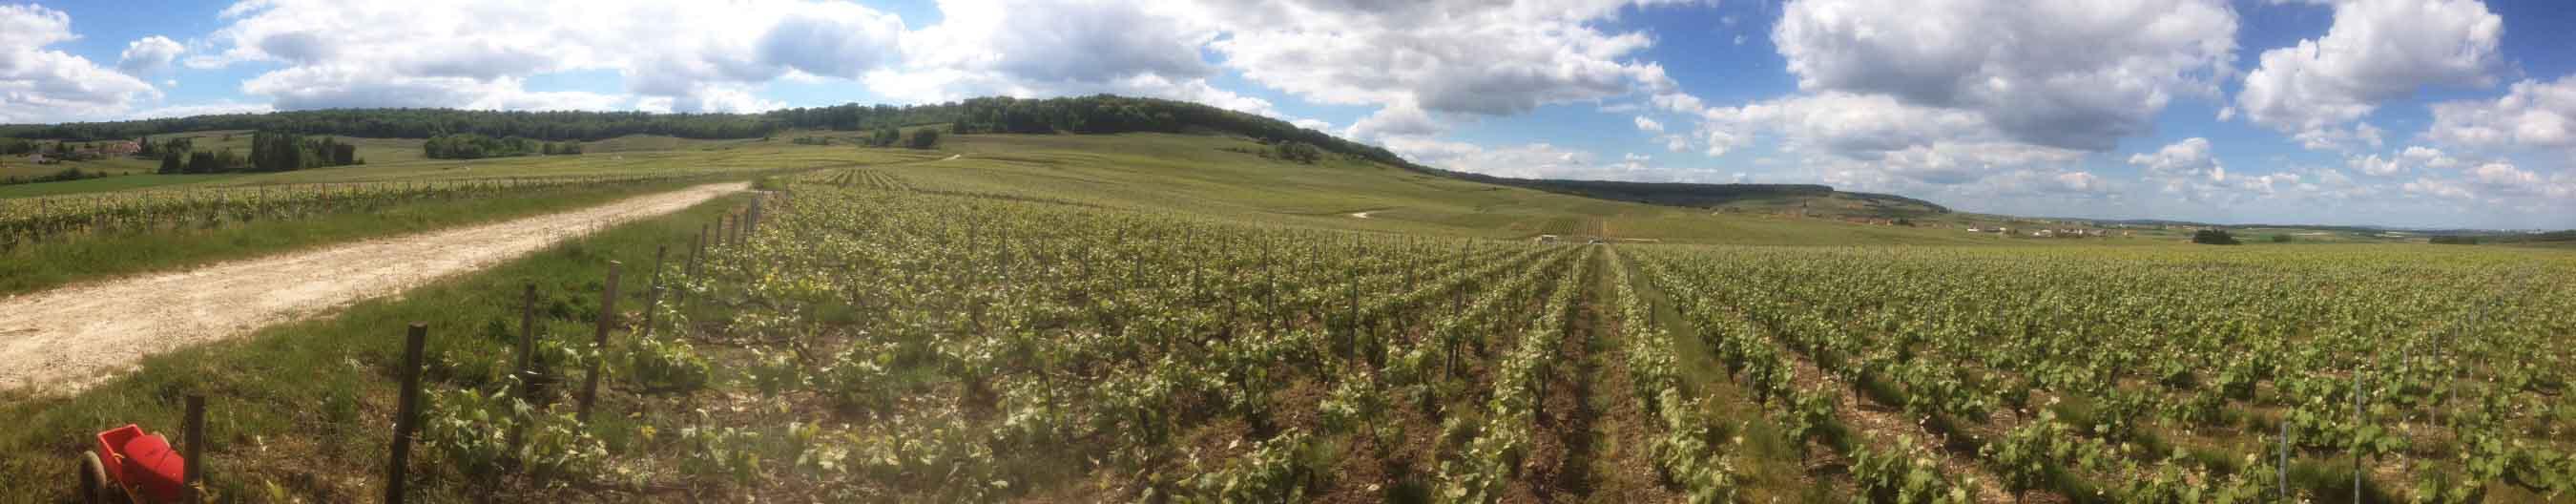 Champagne Labbé - vignes goulat